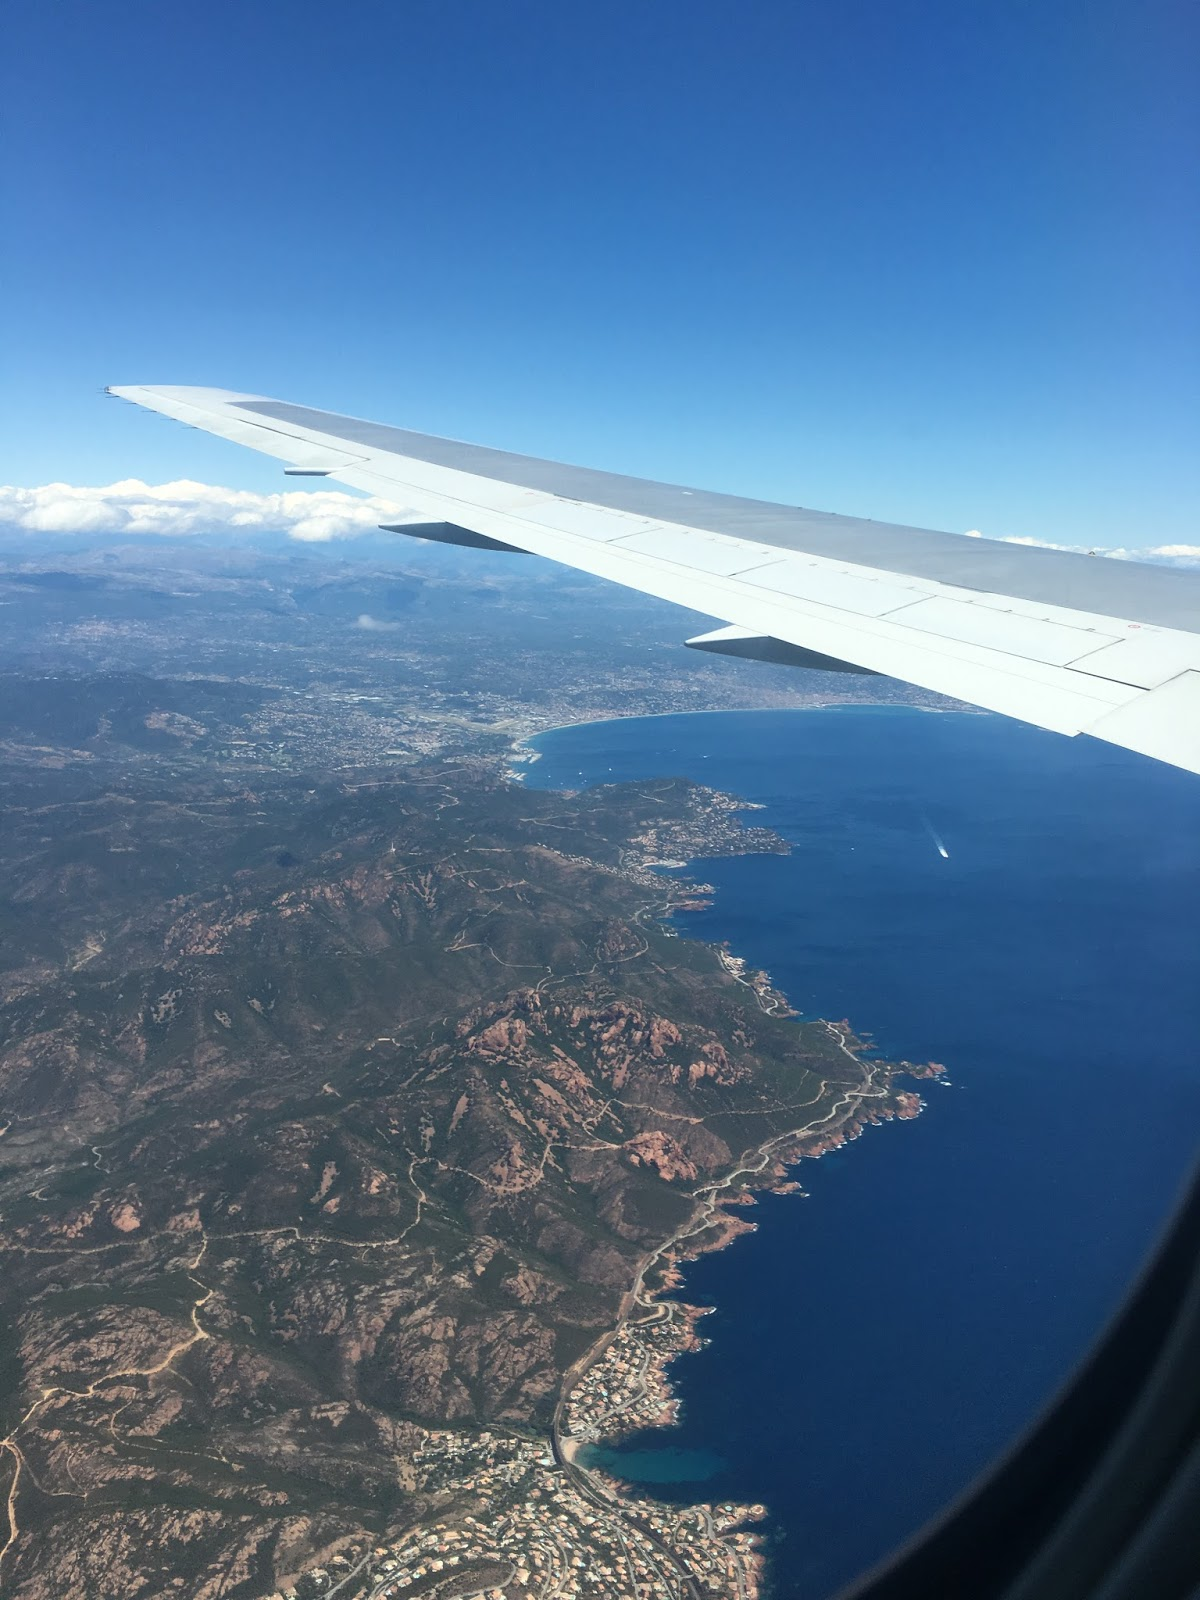 British Airways landing into Nice Côte d'Azur International Airport